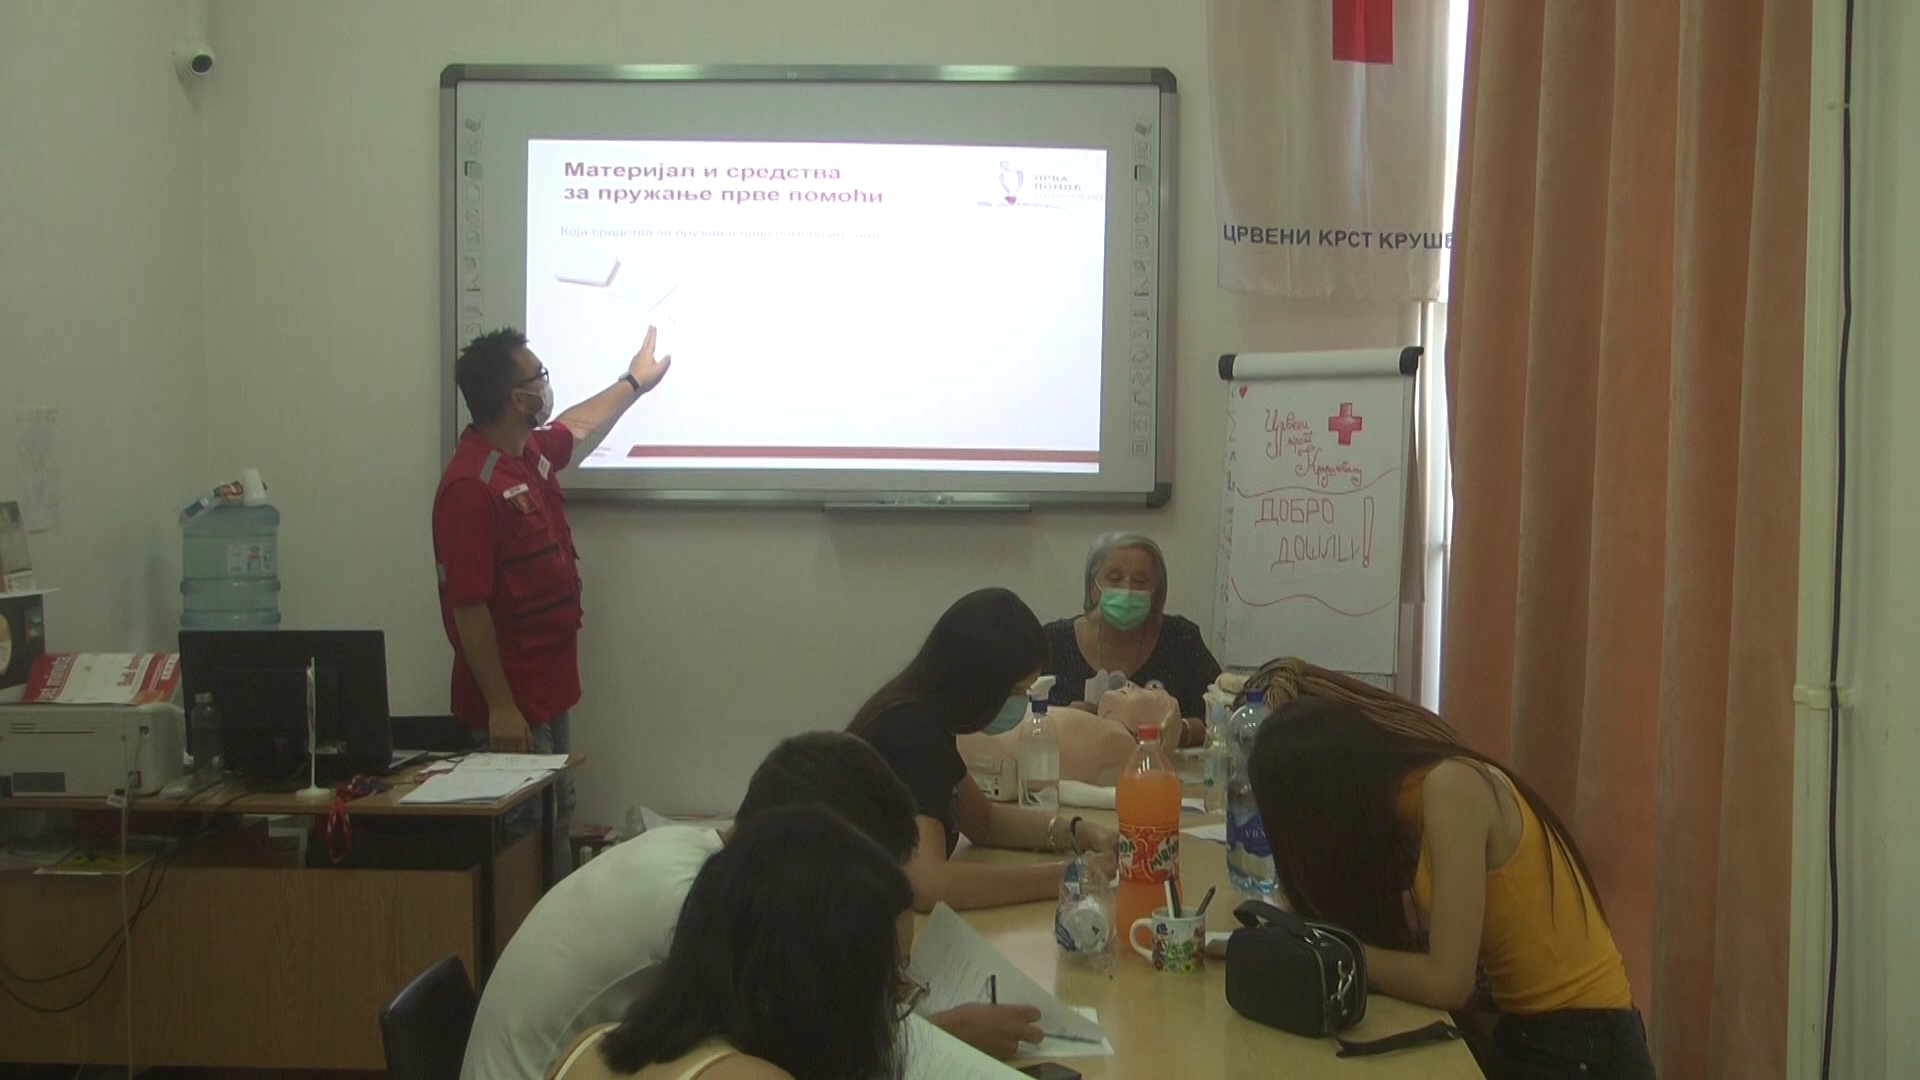 U Crvenom krstu organizovano polaganje ispita za buduće vozače iz obuke Prve pomoći u skladu samerama zastite od koronavisusa